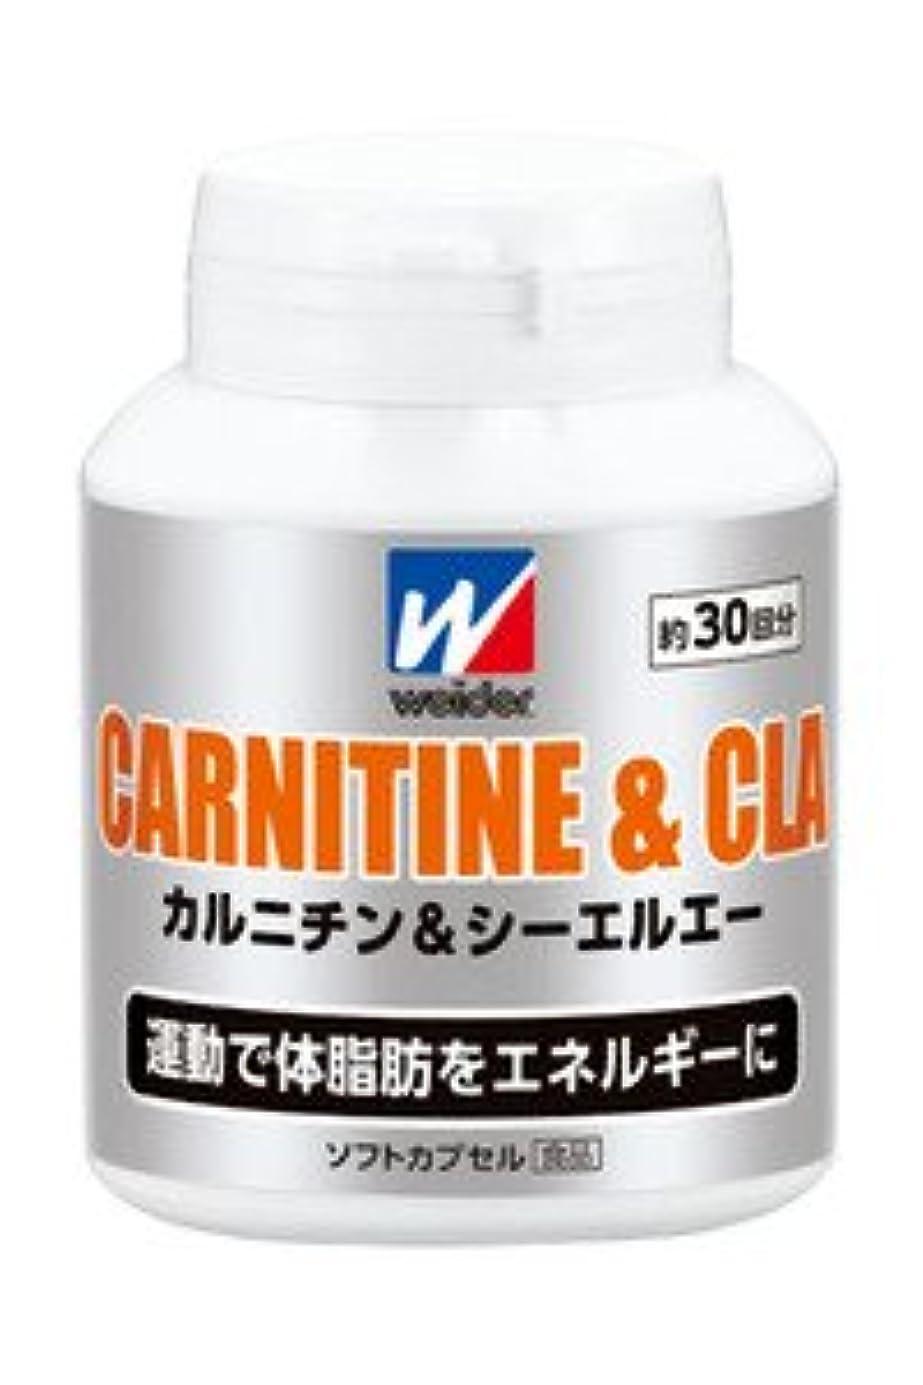 よろめく劣る説明【ウイダー (WEIDER)】 カルニチン&CLA 88g